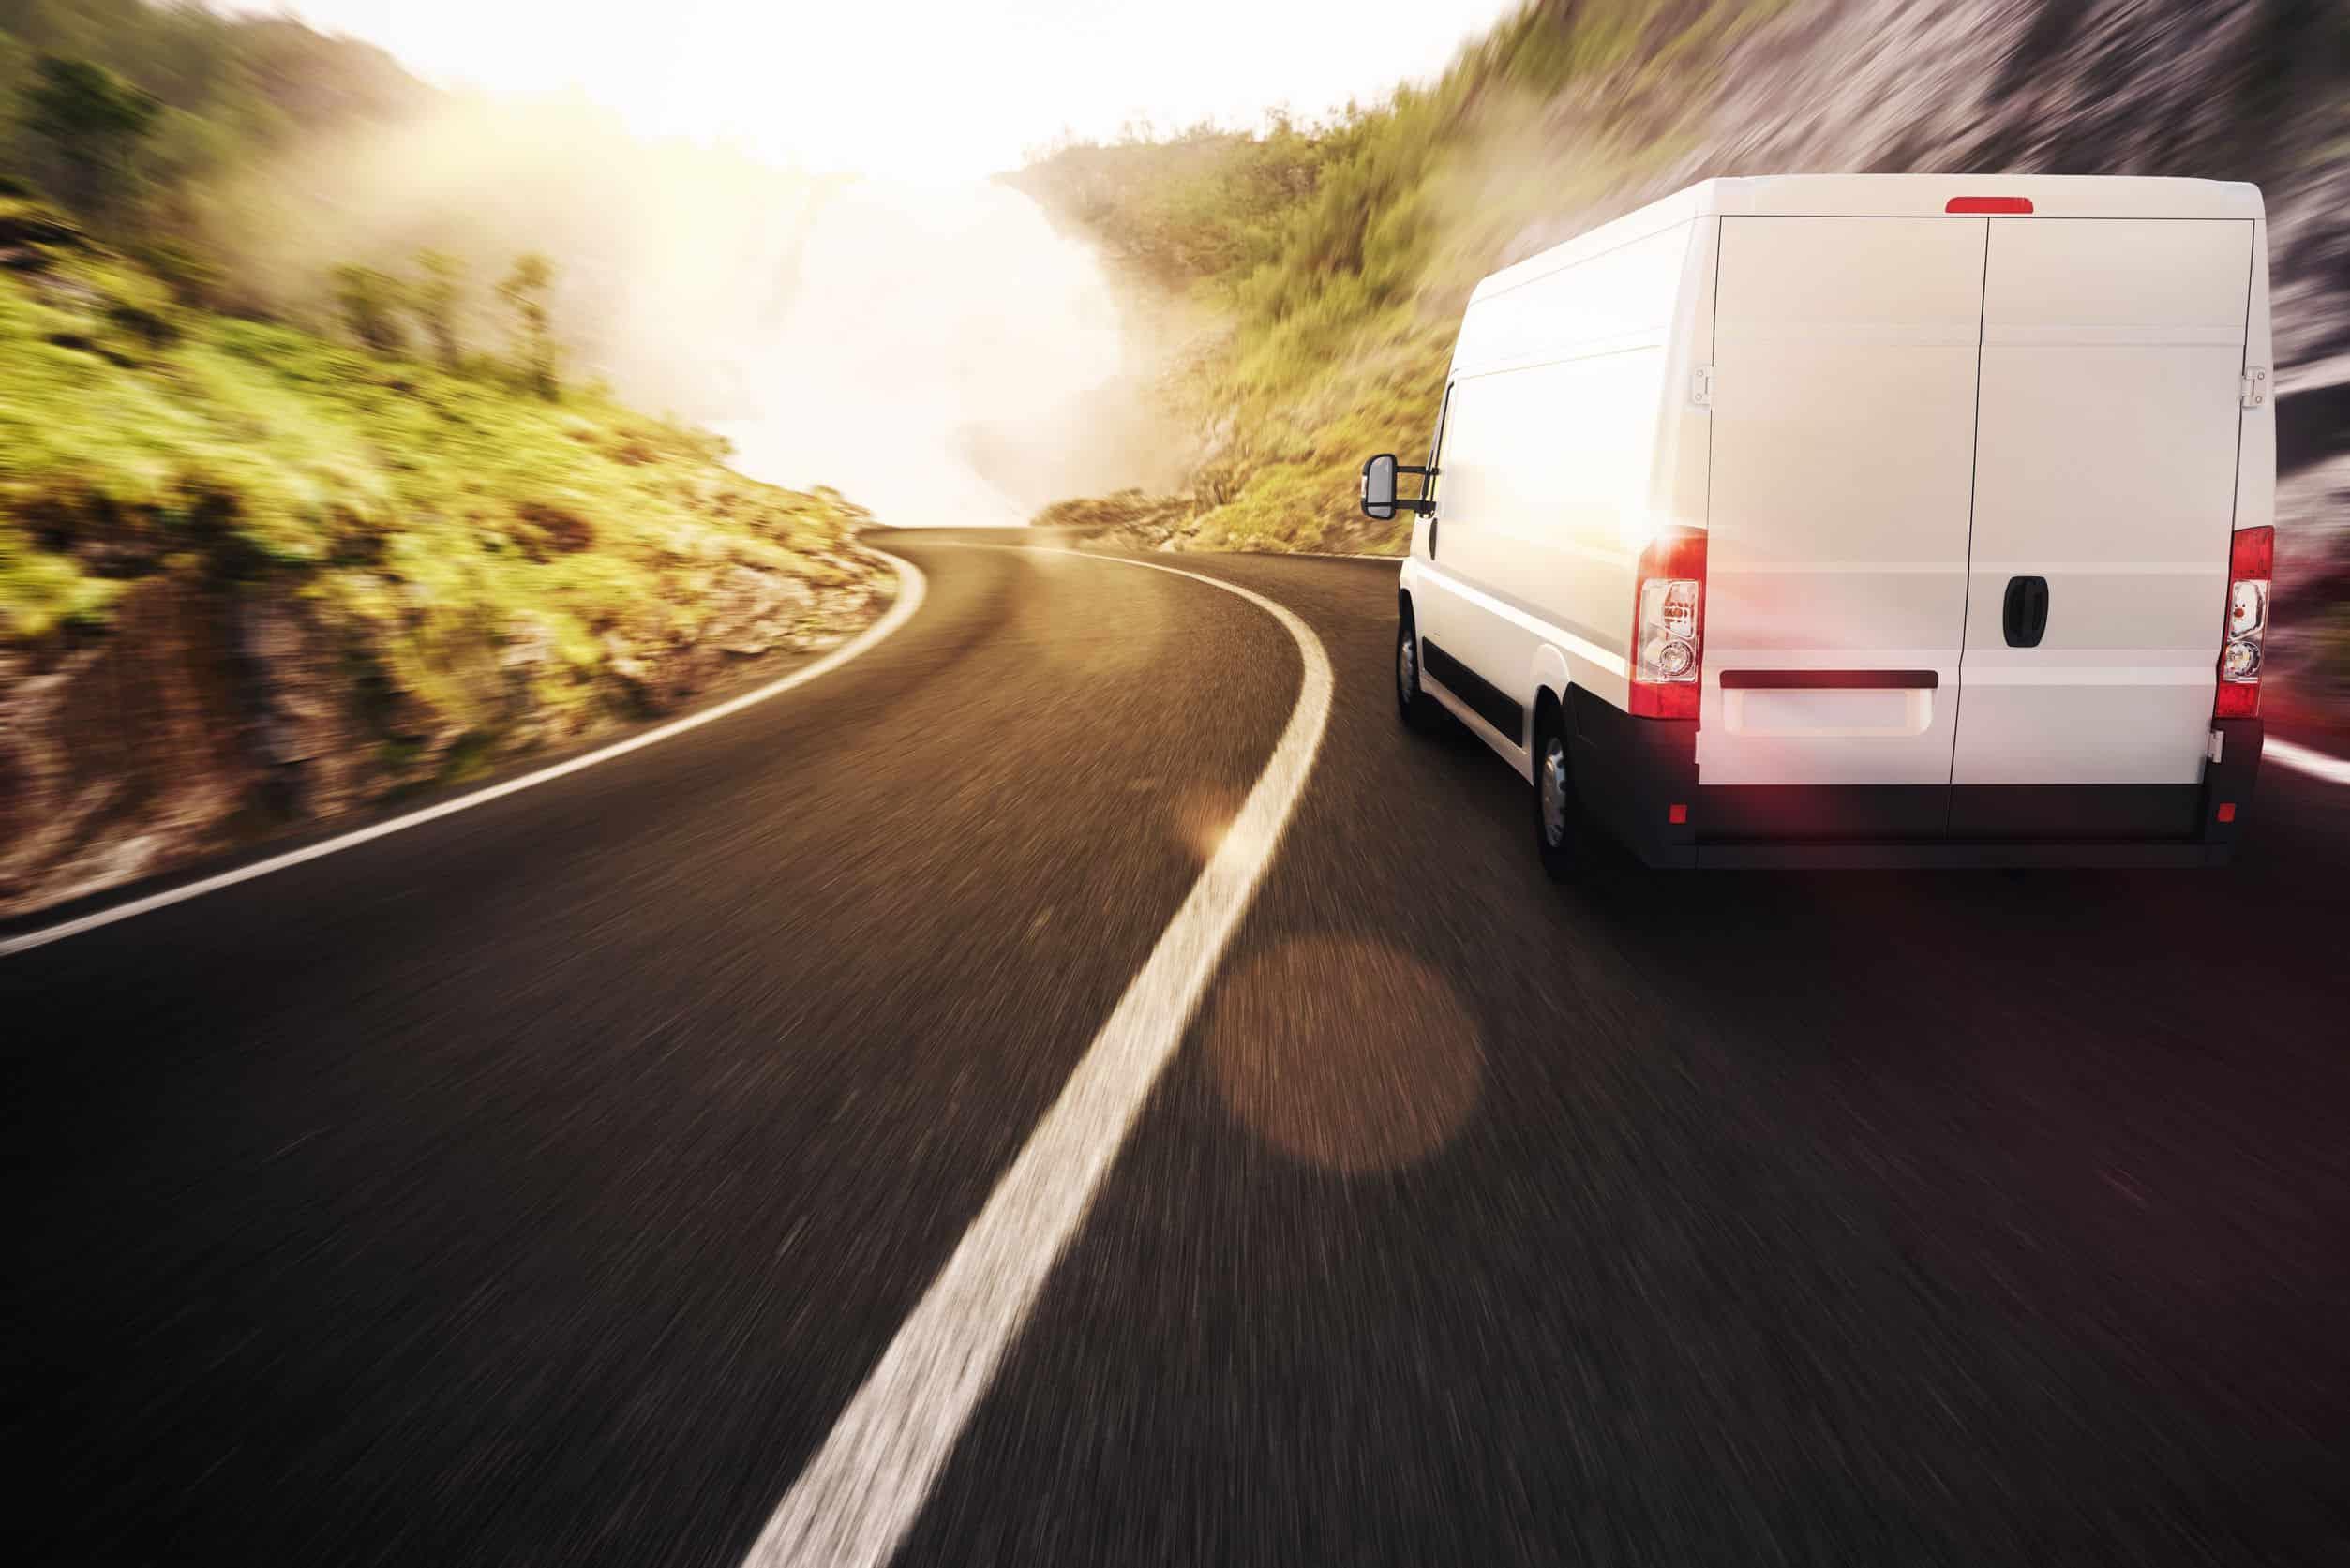 ¿Cuál es la velocidad máxima para circular con una furgoneta?